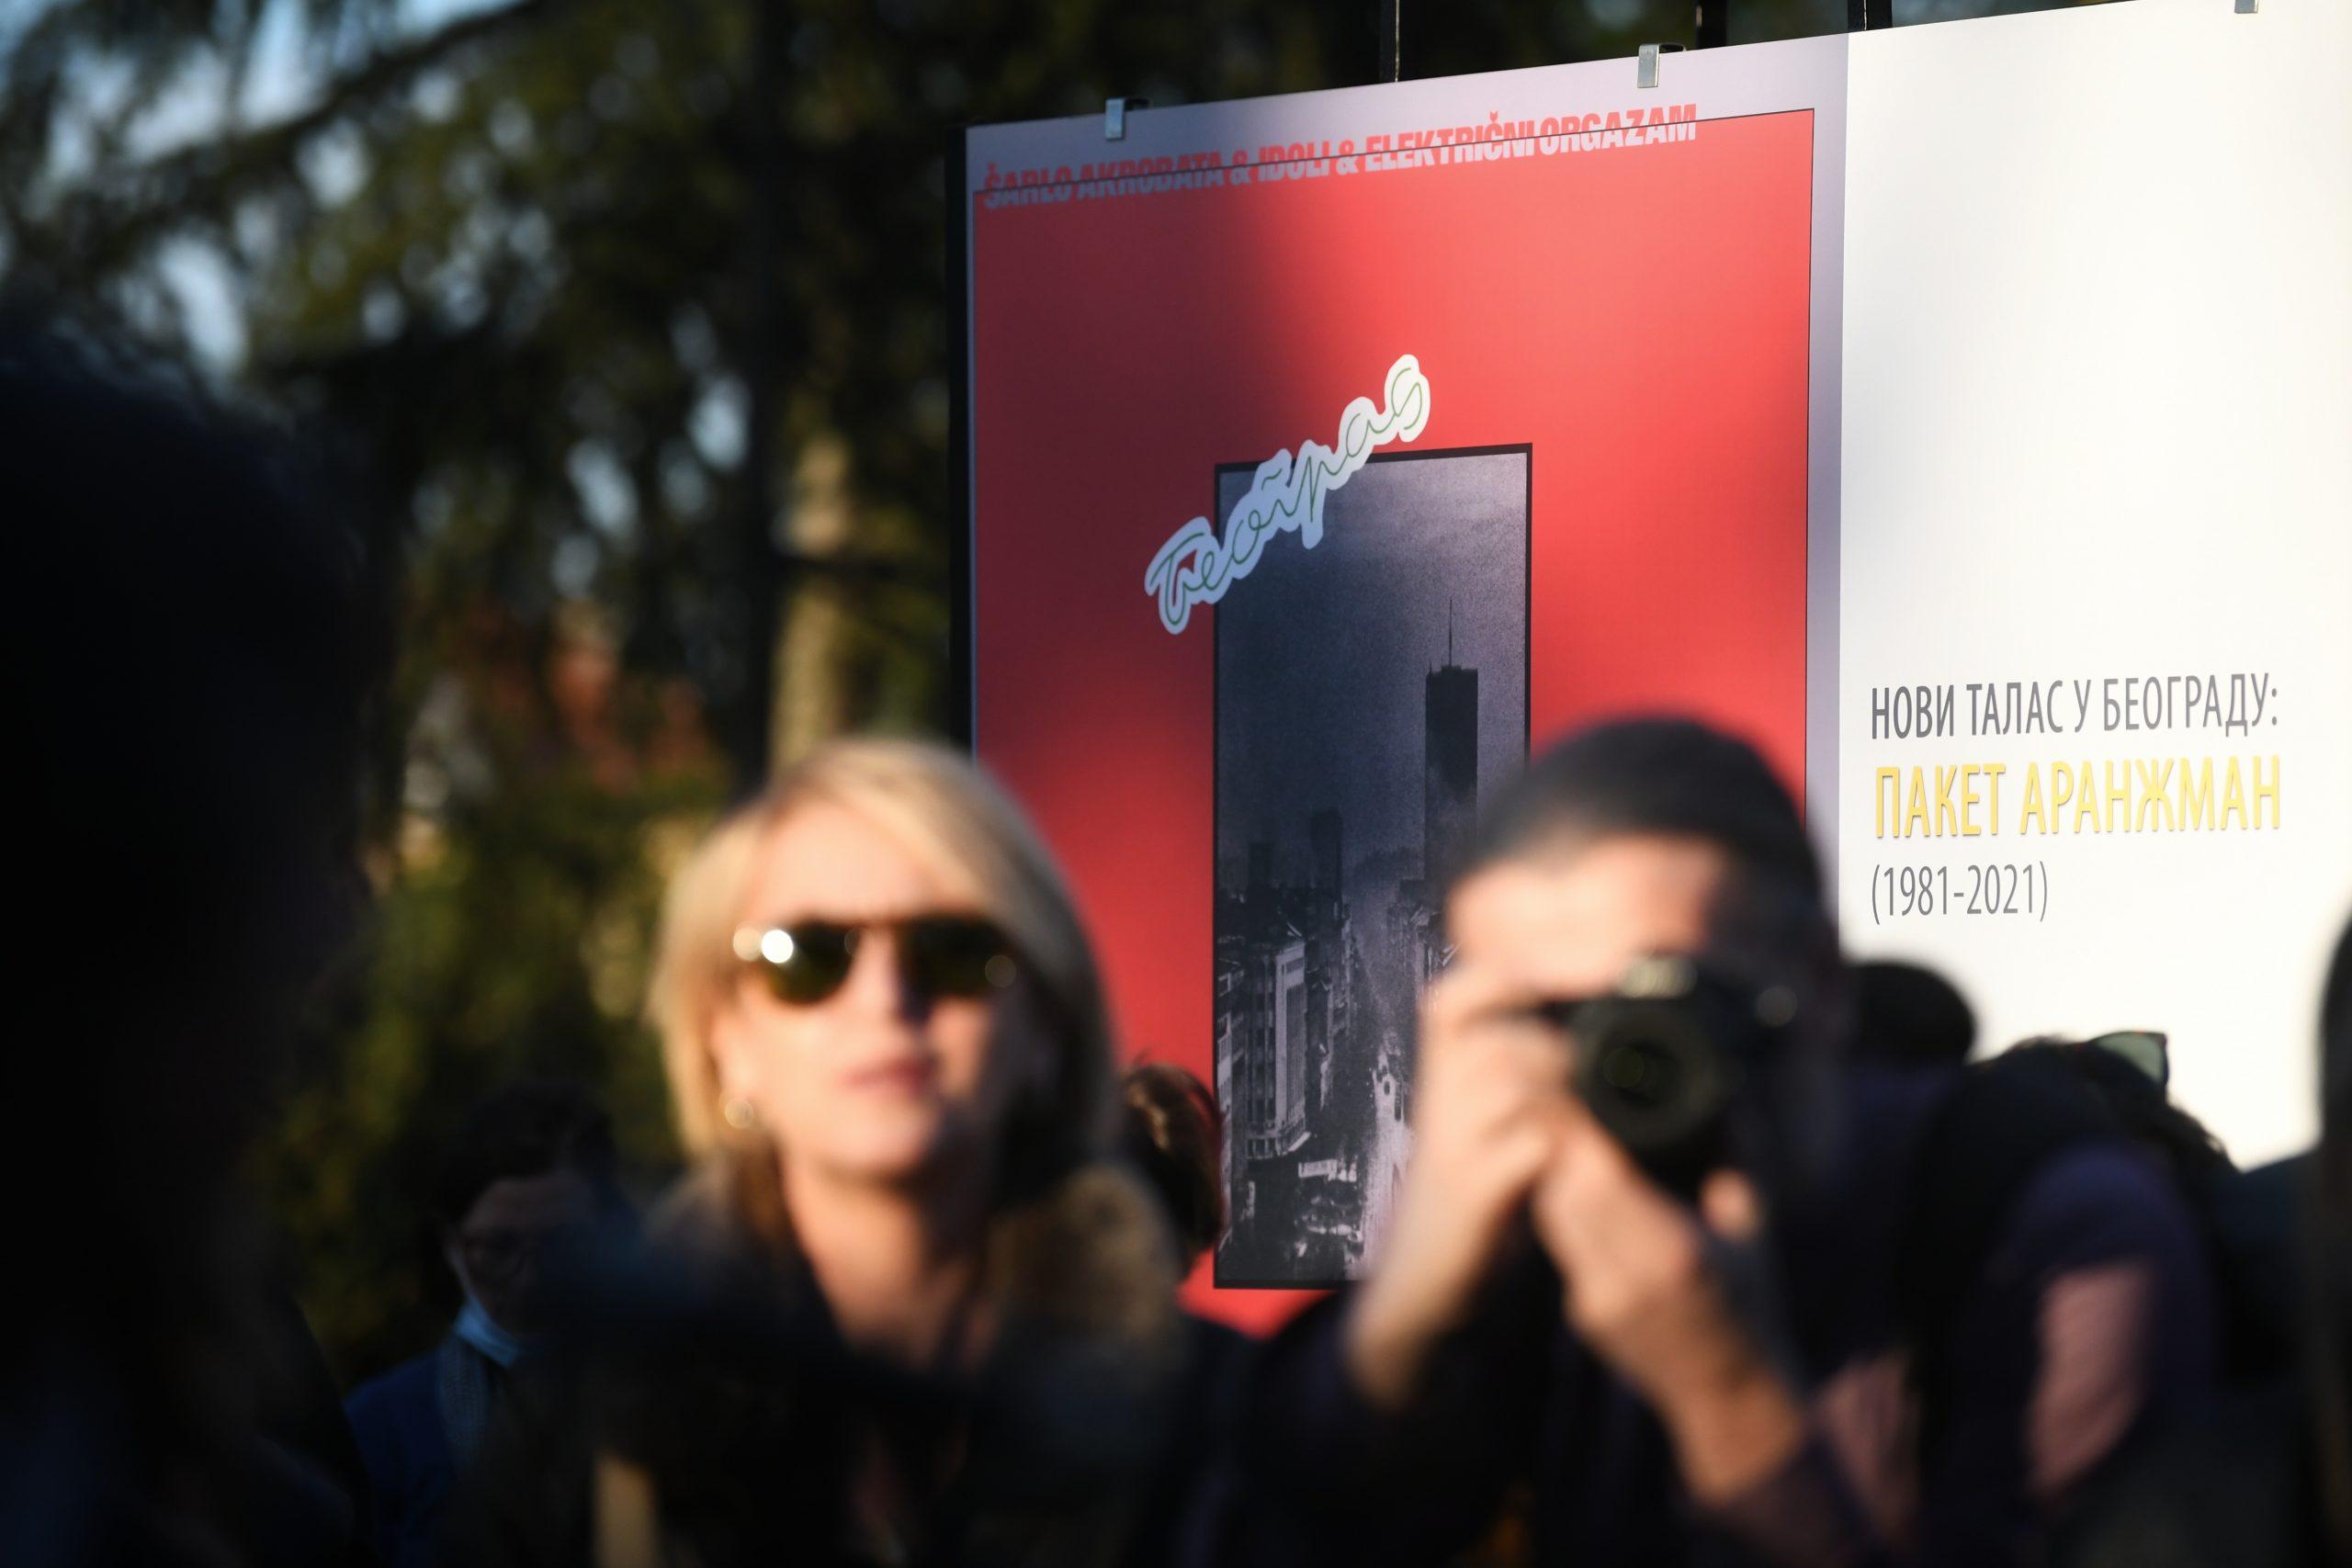 Kalemegdan, izložba, Novi talas u Beogradu, Paket aranžman